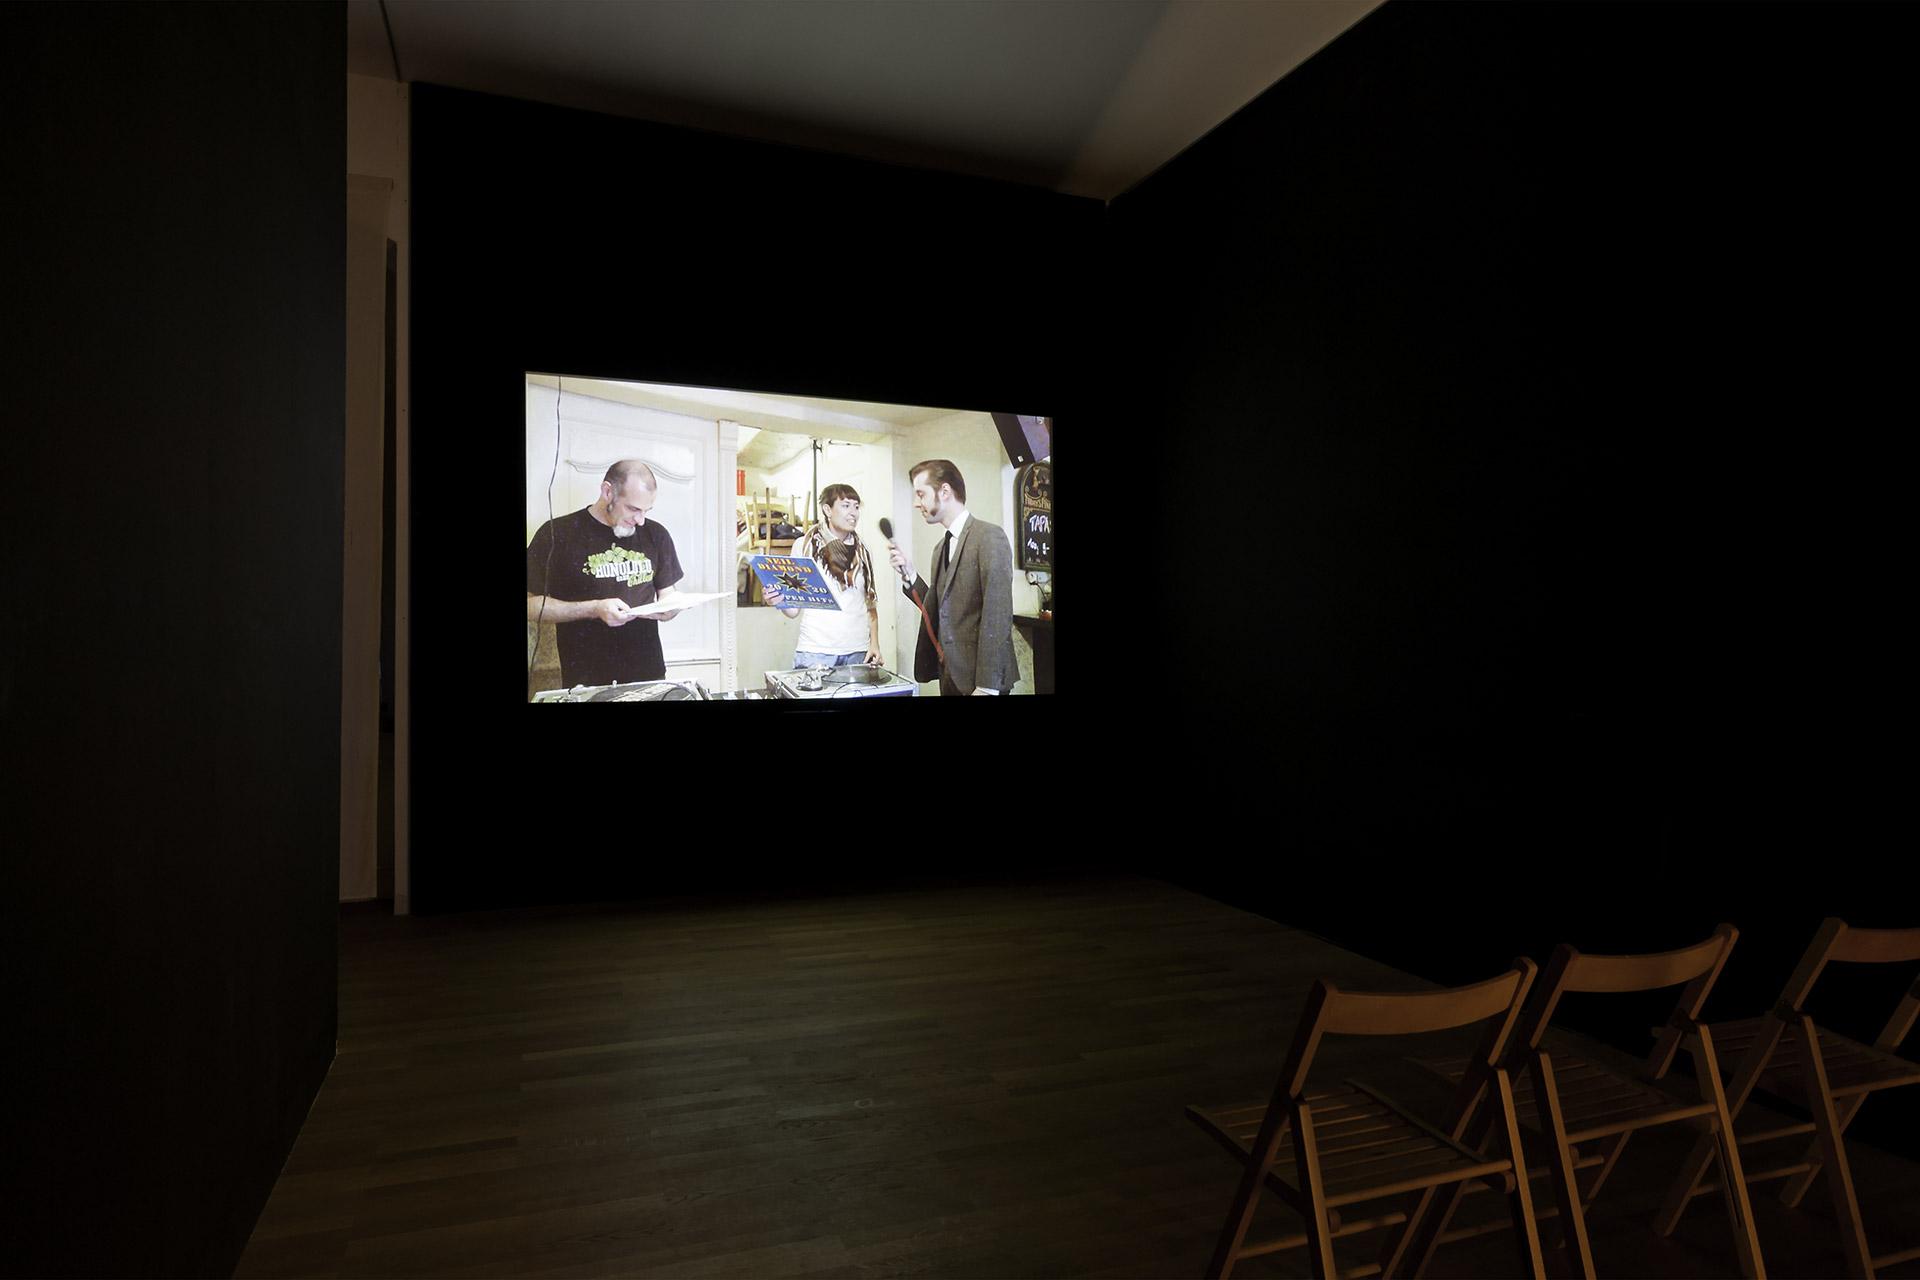 Radio-Stadtfilter-Kunsthalle-Winterthur-2012-6.jpg